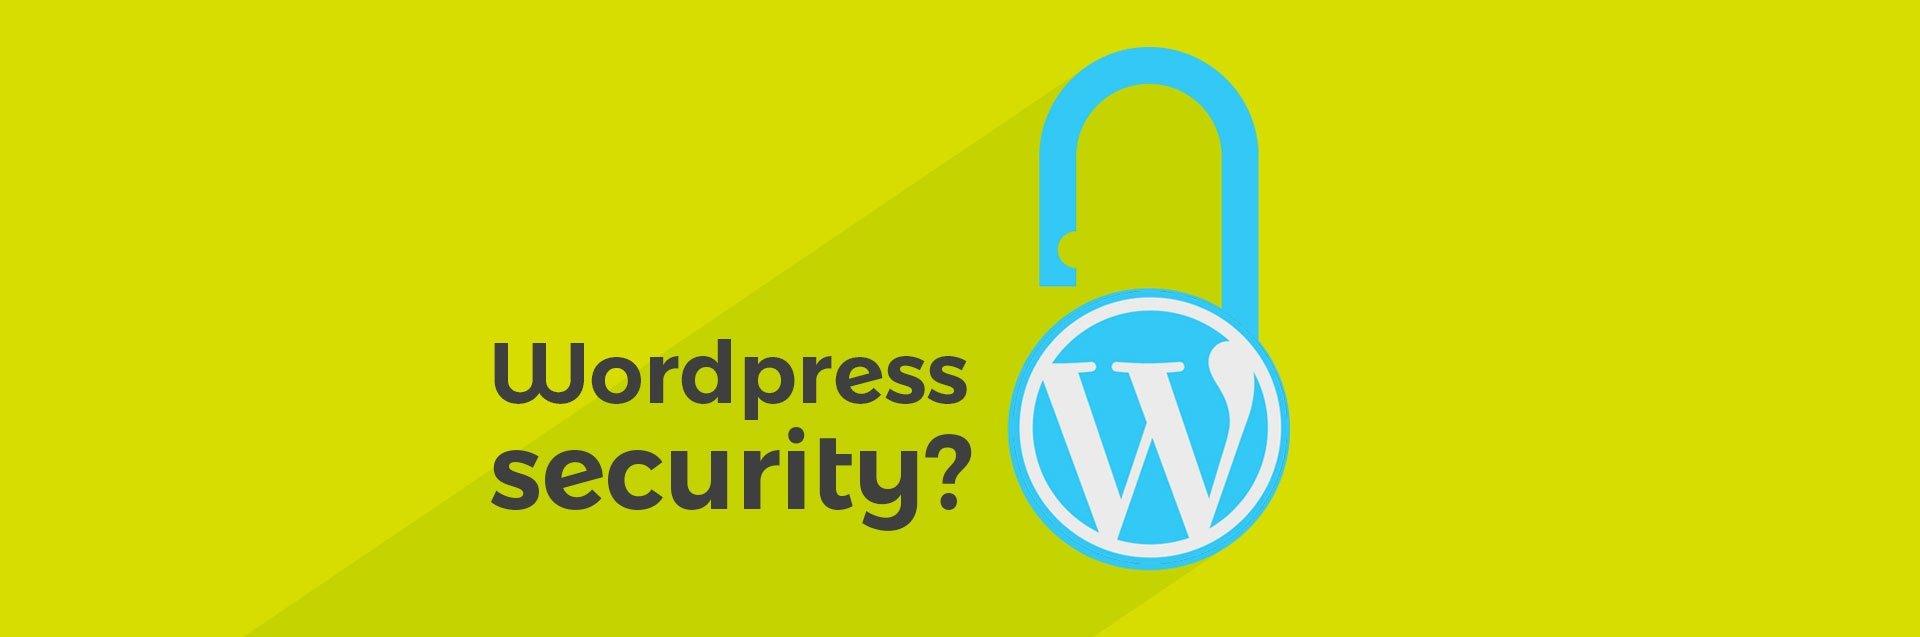 sicurezza attacchi informatici wordpress sito web wireup